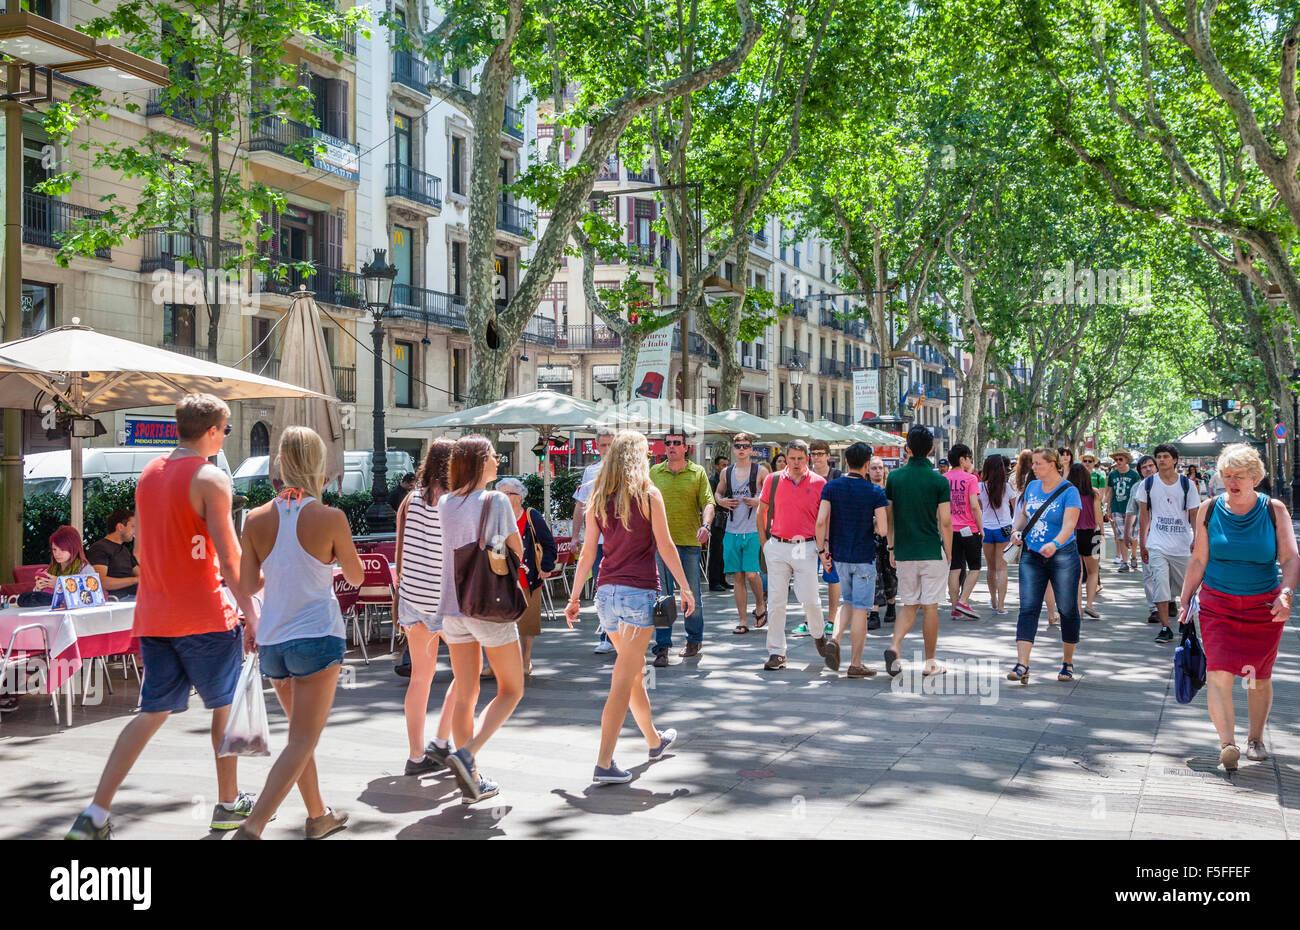 España, Cataluña, Barcelona, La Rambla, el paseo peatonal arbolada, muy popular entre los turistas y lugareños por igual Foto de stock